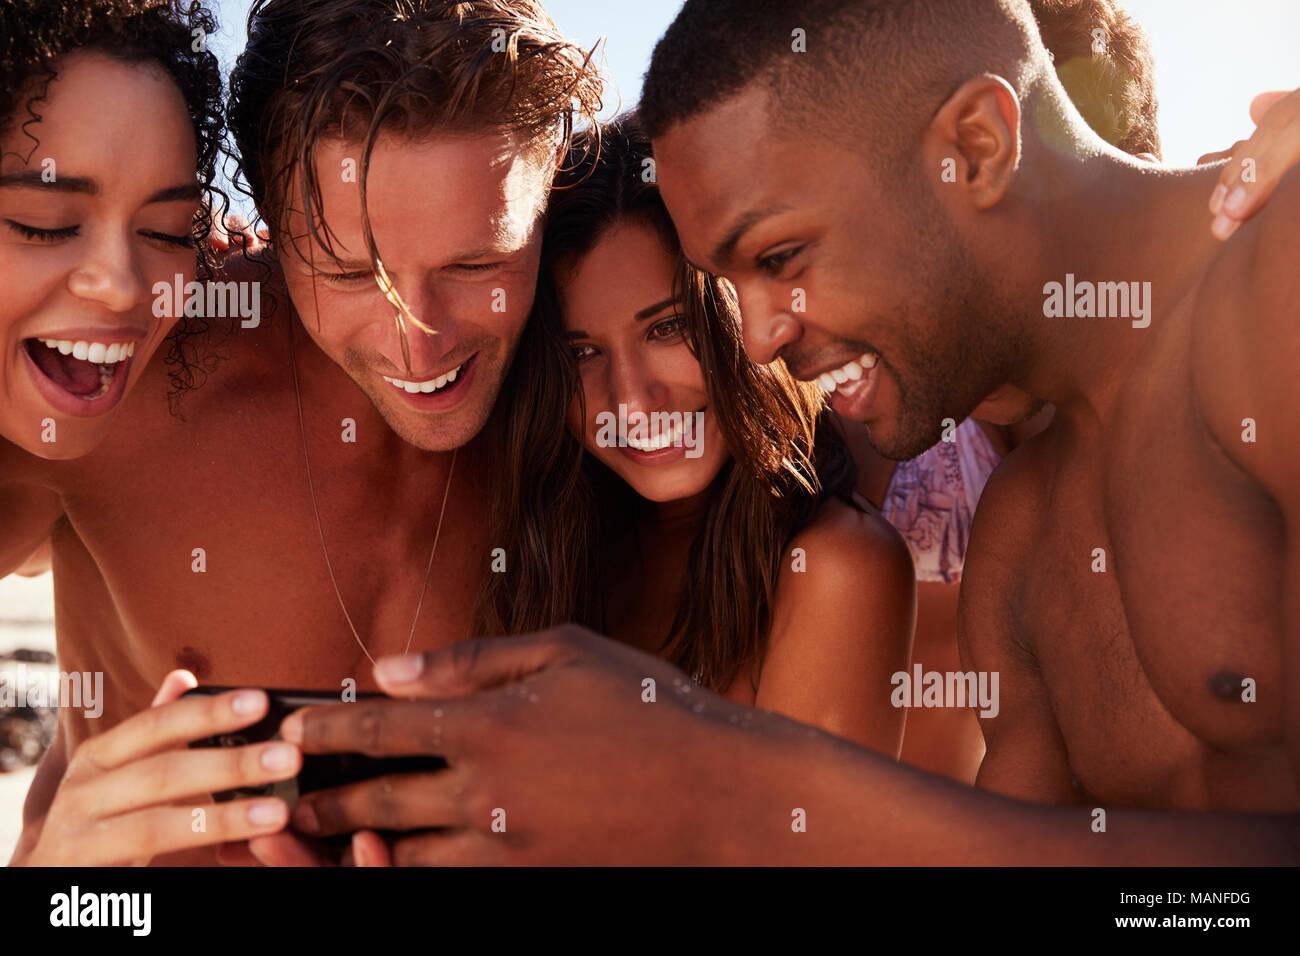 Amis de vacances de plage à la recherche de photo sur téléphone mobile Banque D'Images